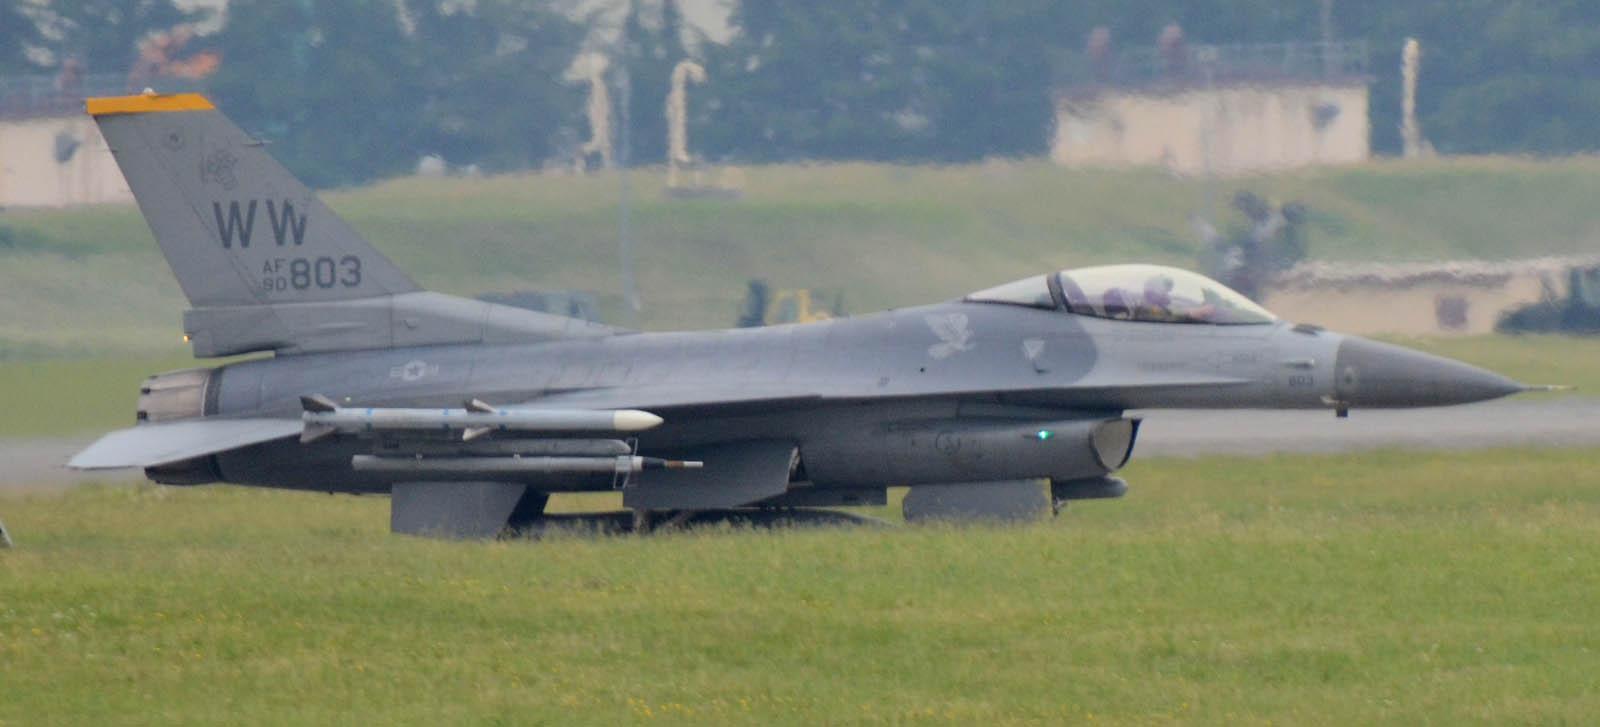 F16cm140515g964